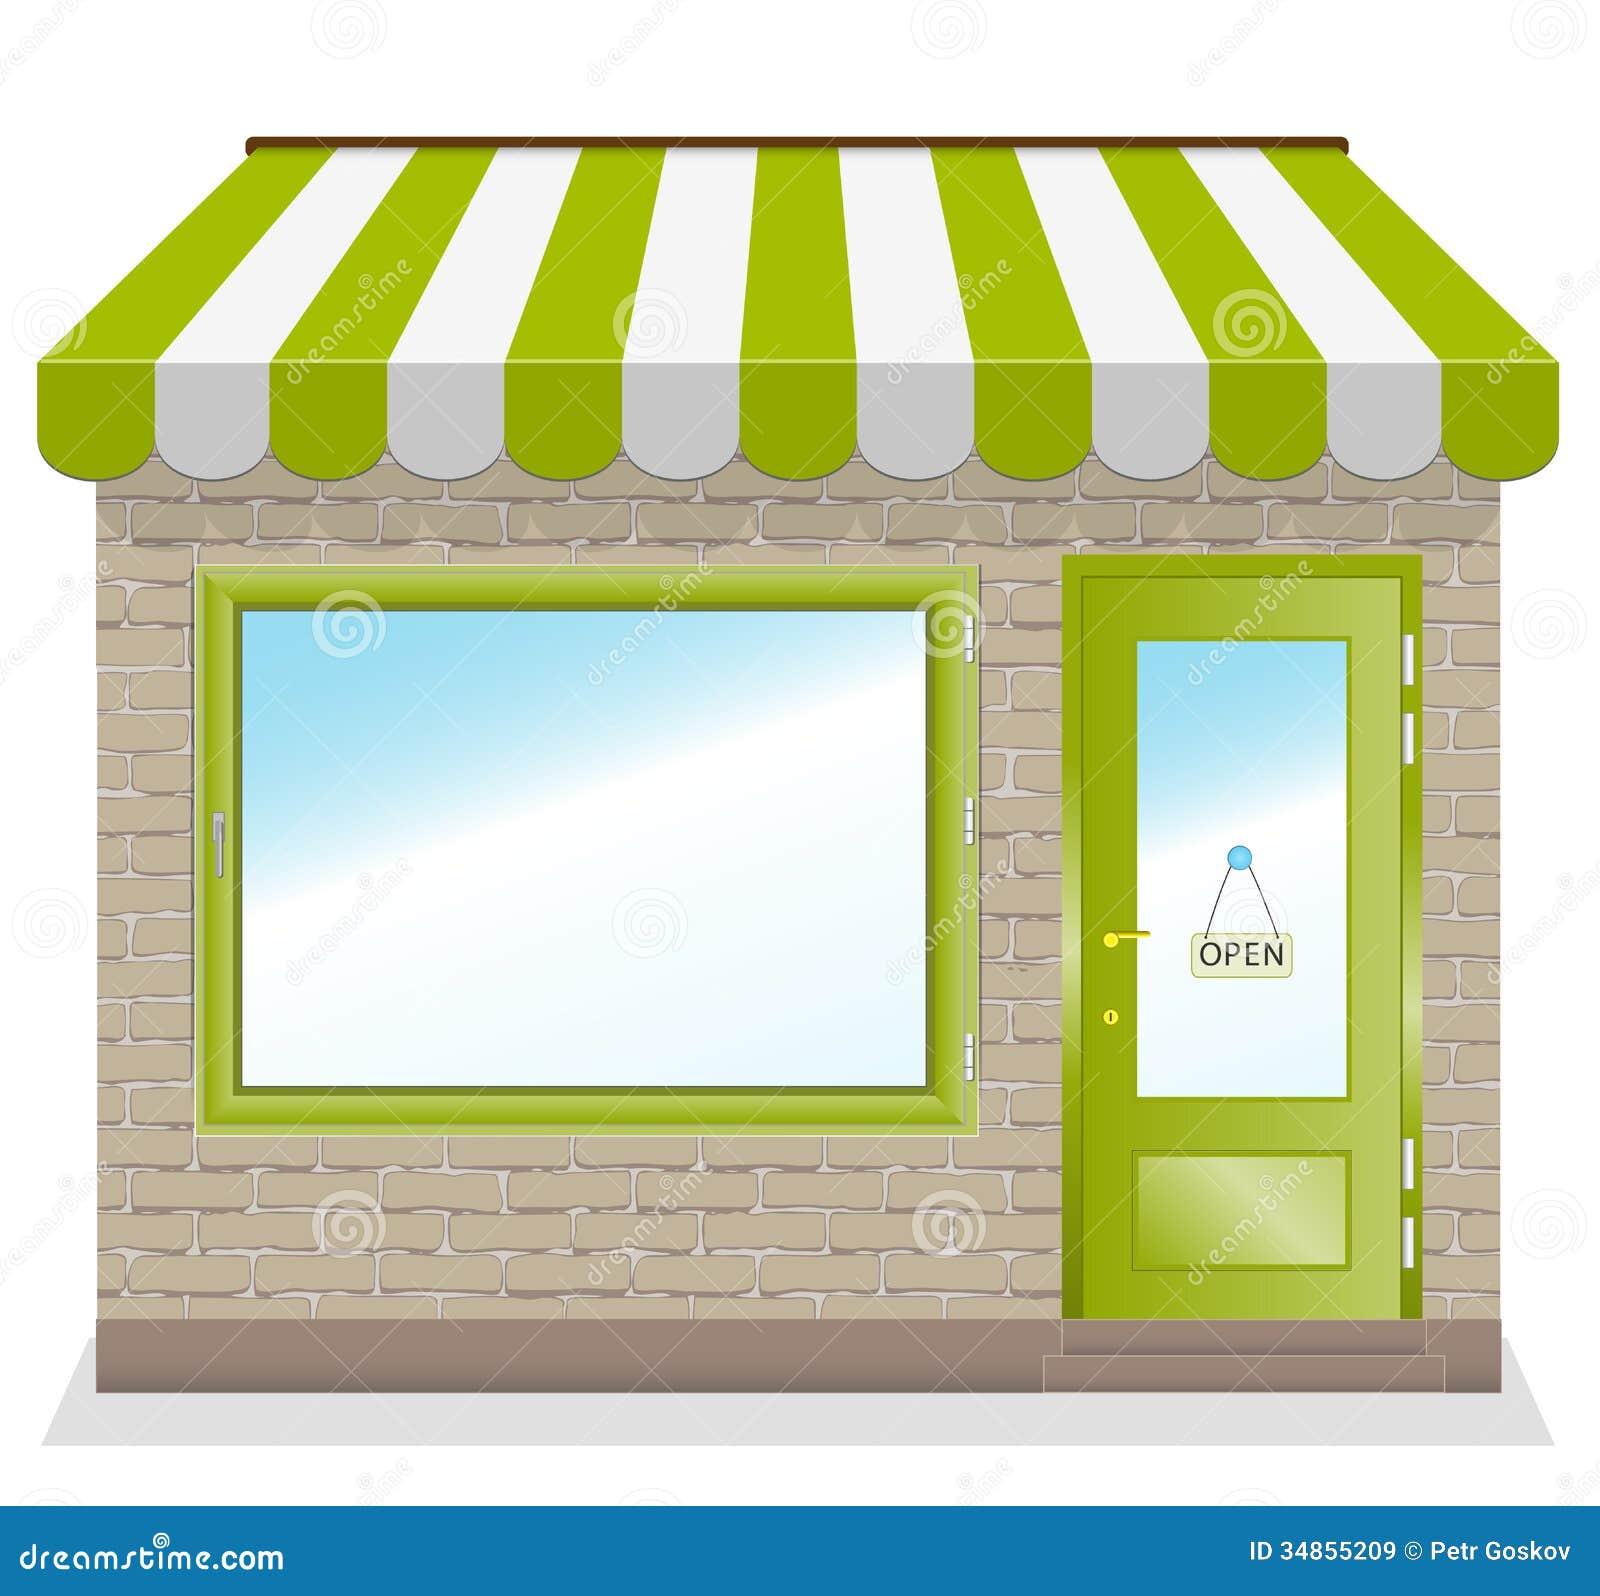 Icono Lindo De La Tienda Con Los Toldos Verdes